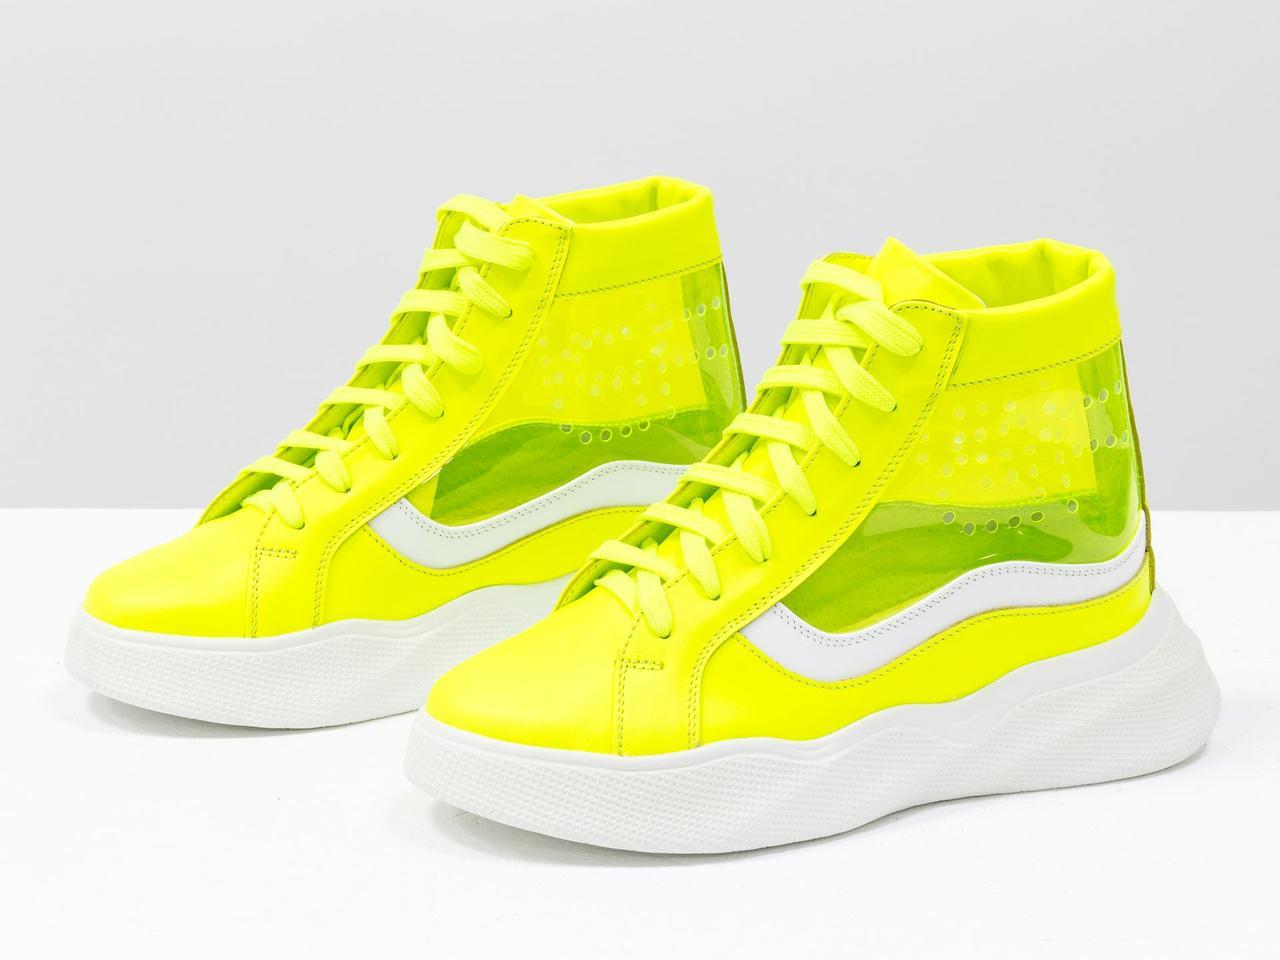 Дизайнерские прозрачные ботинки из натуральной неоновой кожи желтого и белого цвета - фото 3